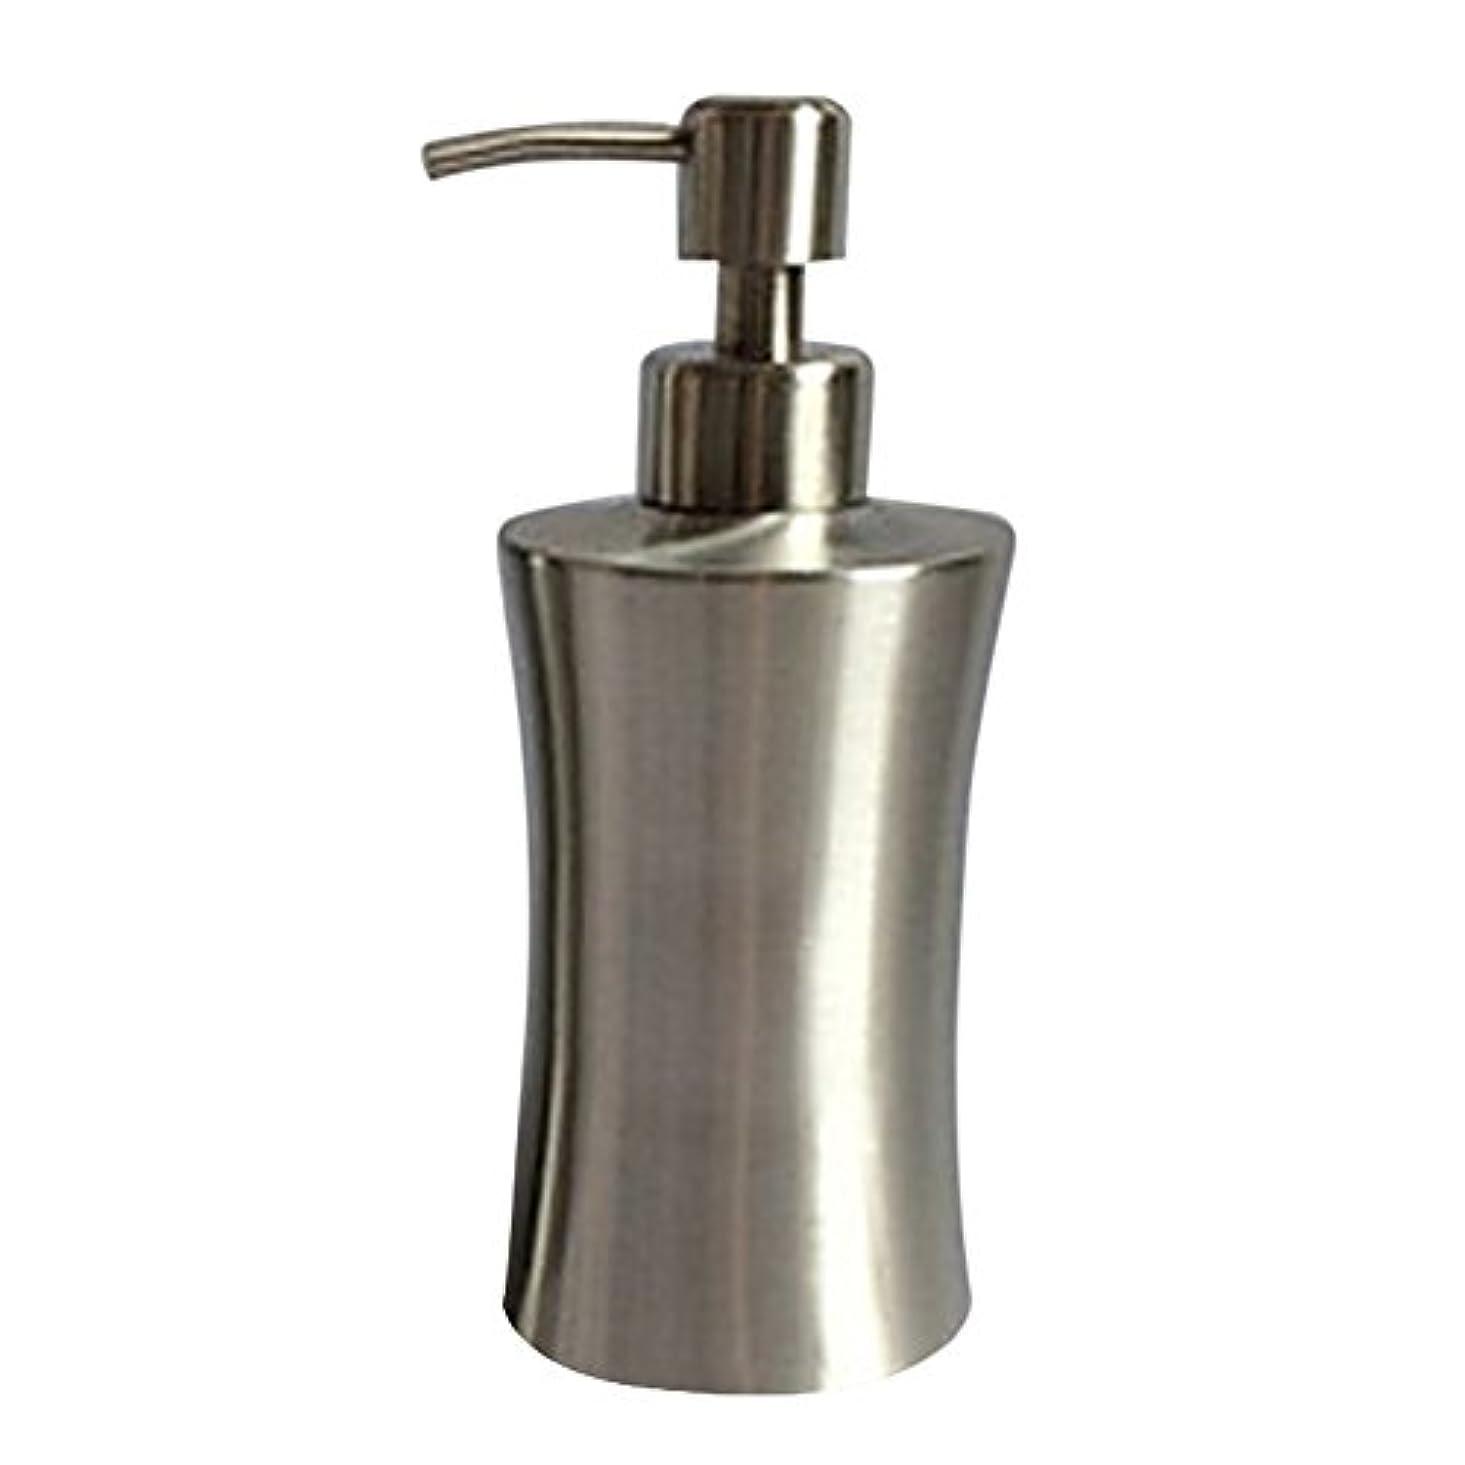 オープニング引退したペルーディスペンサー ステンレス ボトル 容器 ソープ 石鹸 シャンプー 手洗いボトル 耐久性 錆びない 220ml/250ml/400ml (C:400ml)